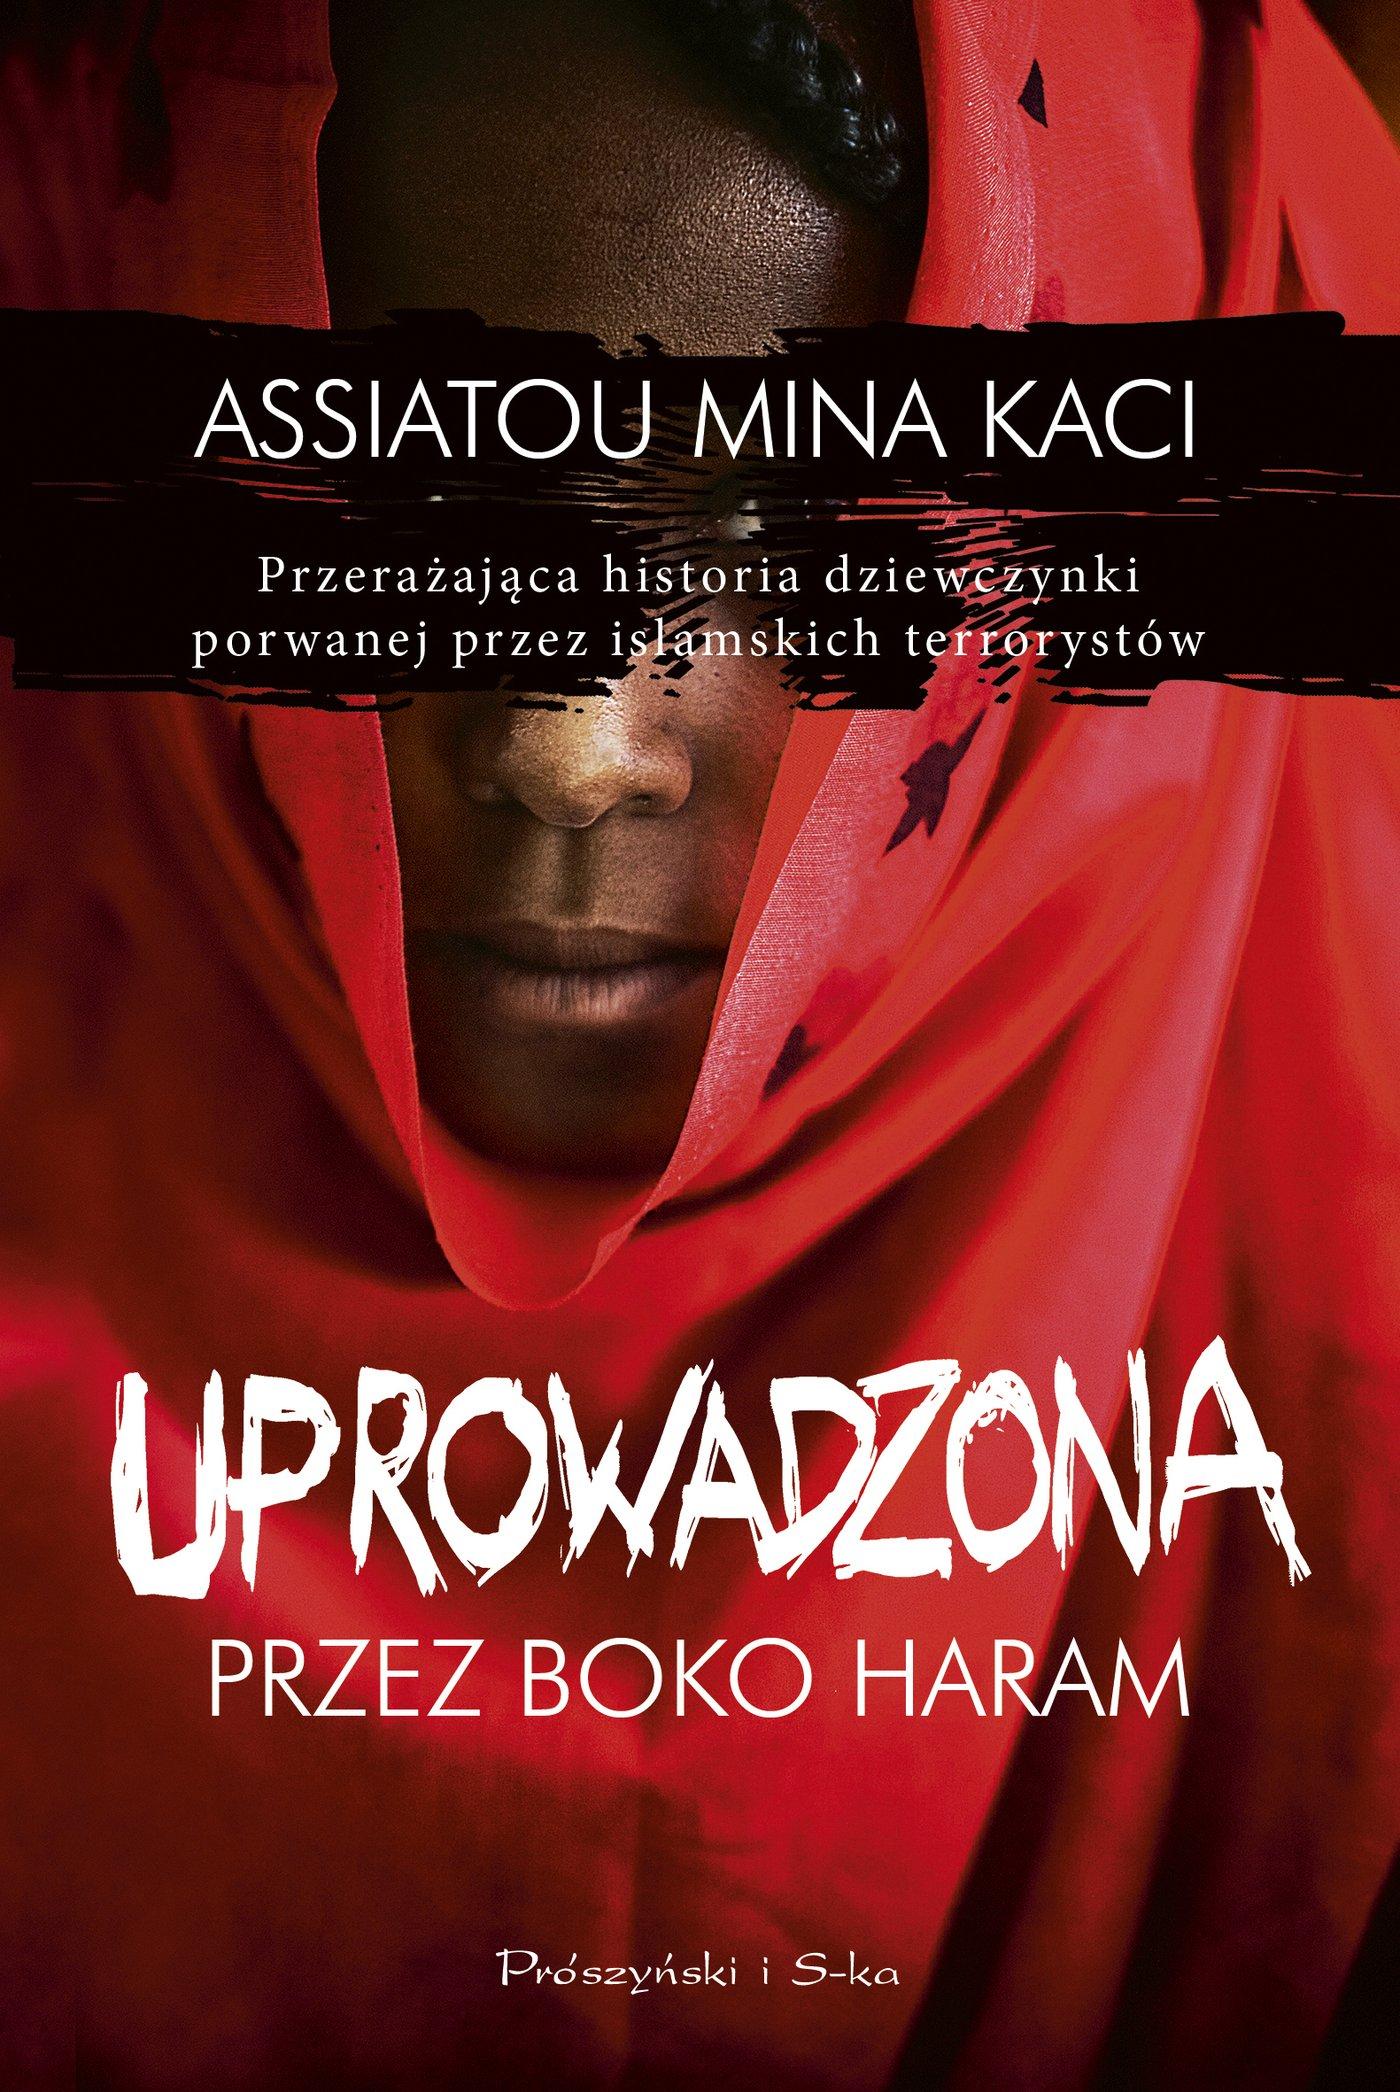 Uprowadzona przez Boko Haram - Ebook (Książka EPUB) do pobrania w formacie EPUB